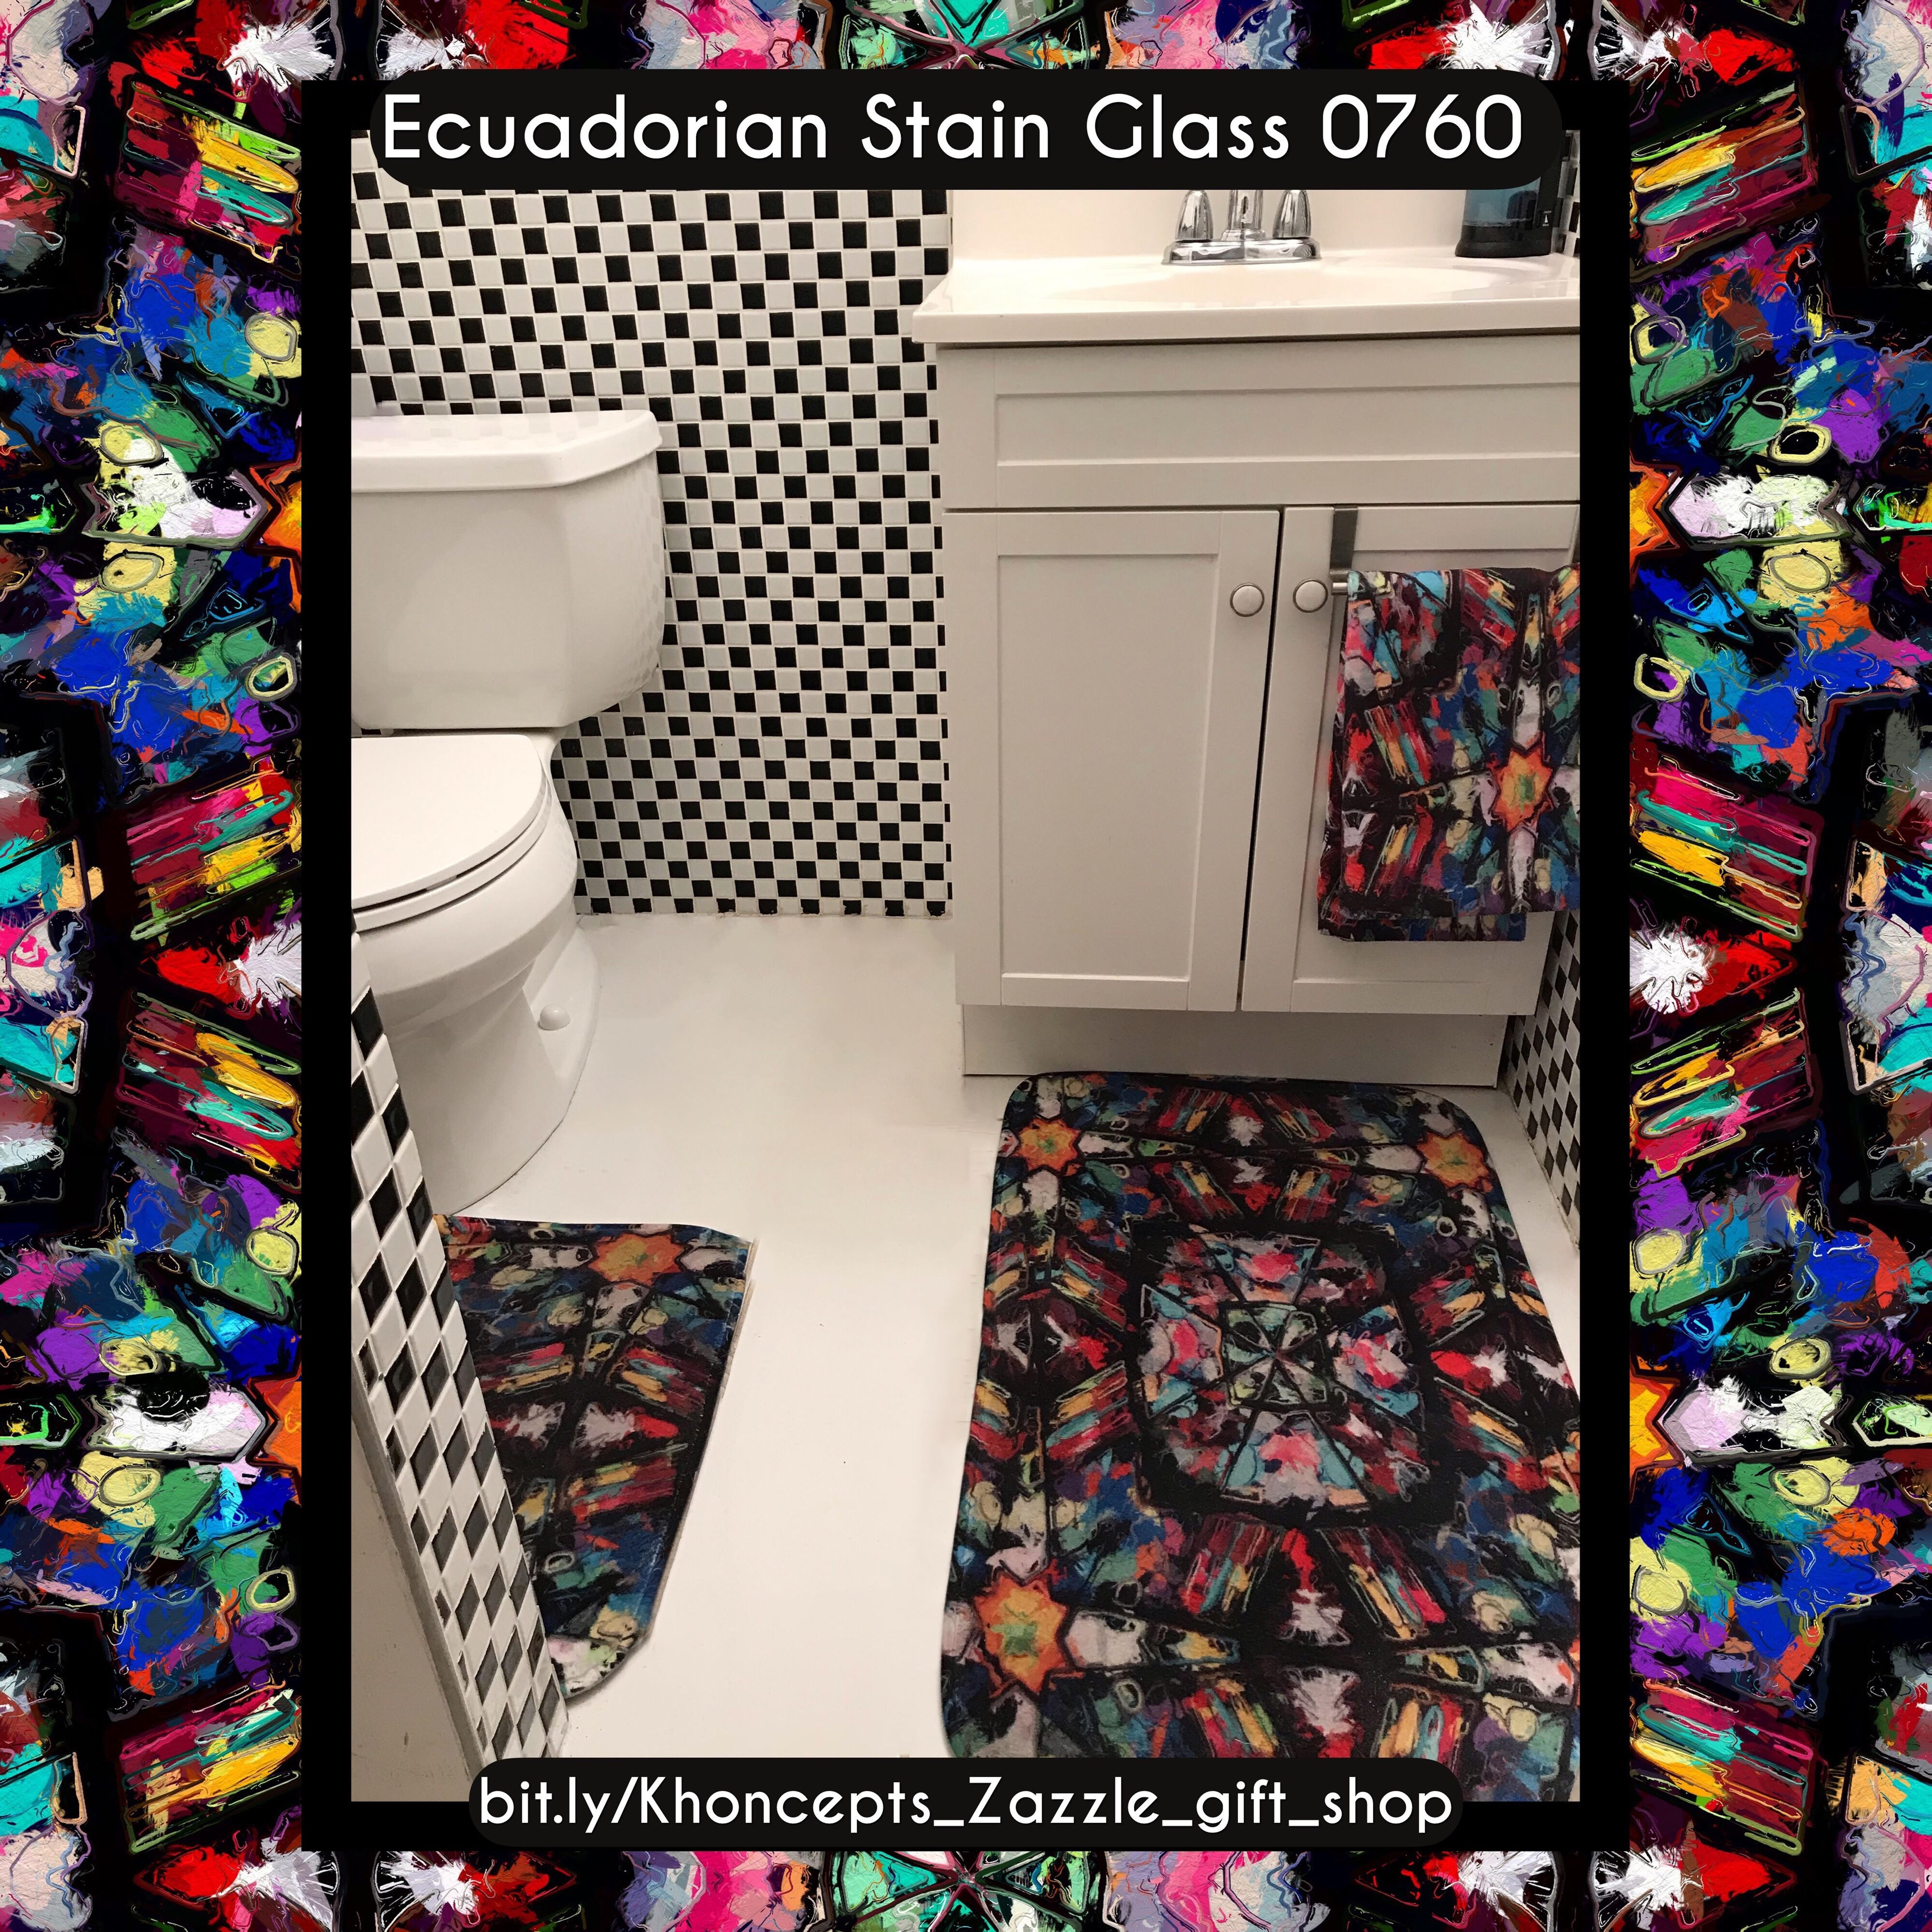 Ecuadorian stained glass art designed home decor